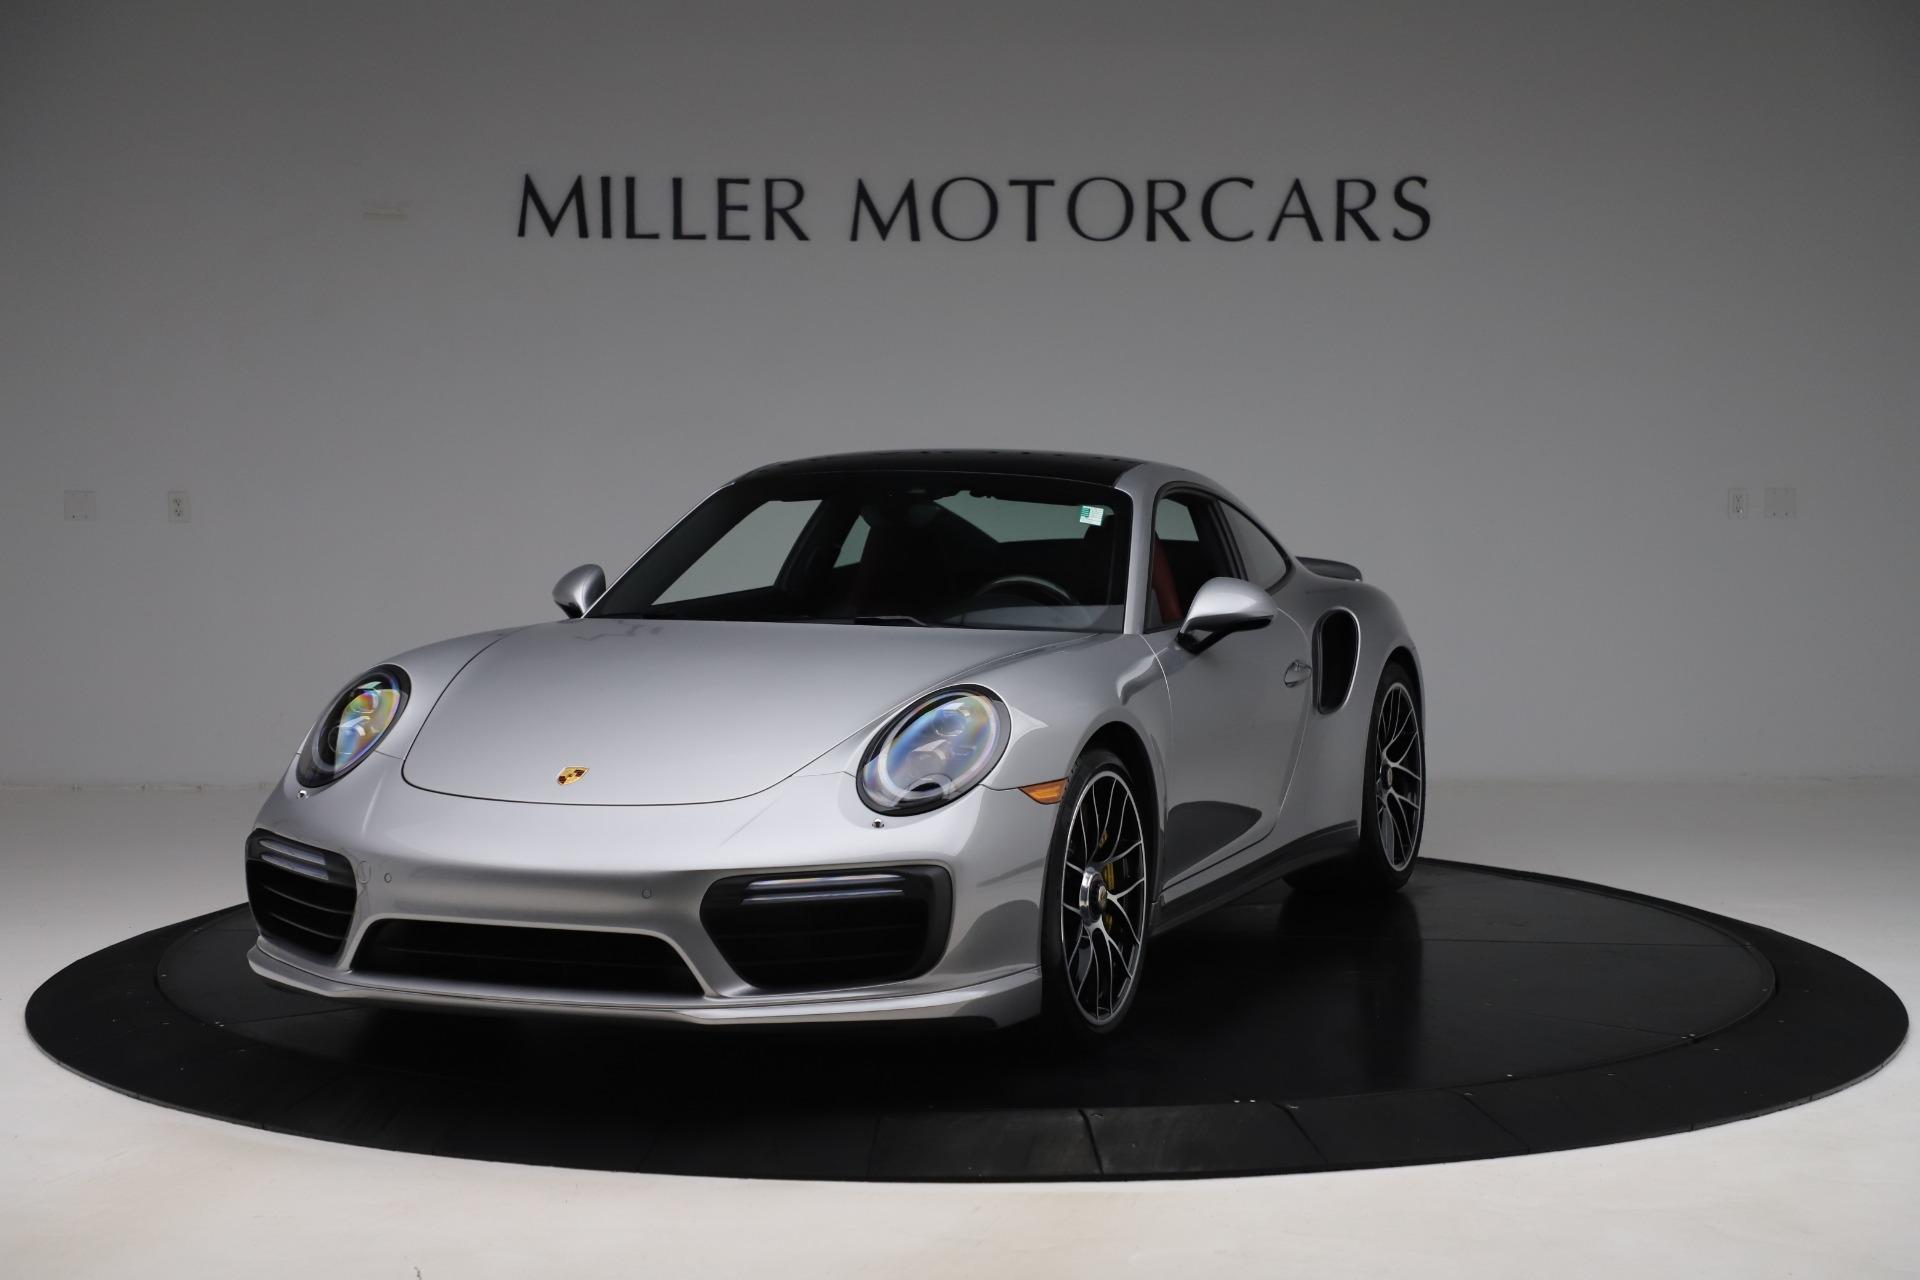 Used 2017 Porsche 911 Turbo S for sale $154,900 at Bugatti of Greenwich in Greenwich CT 06830 1